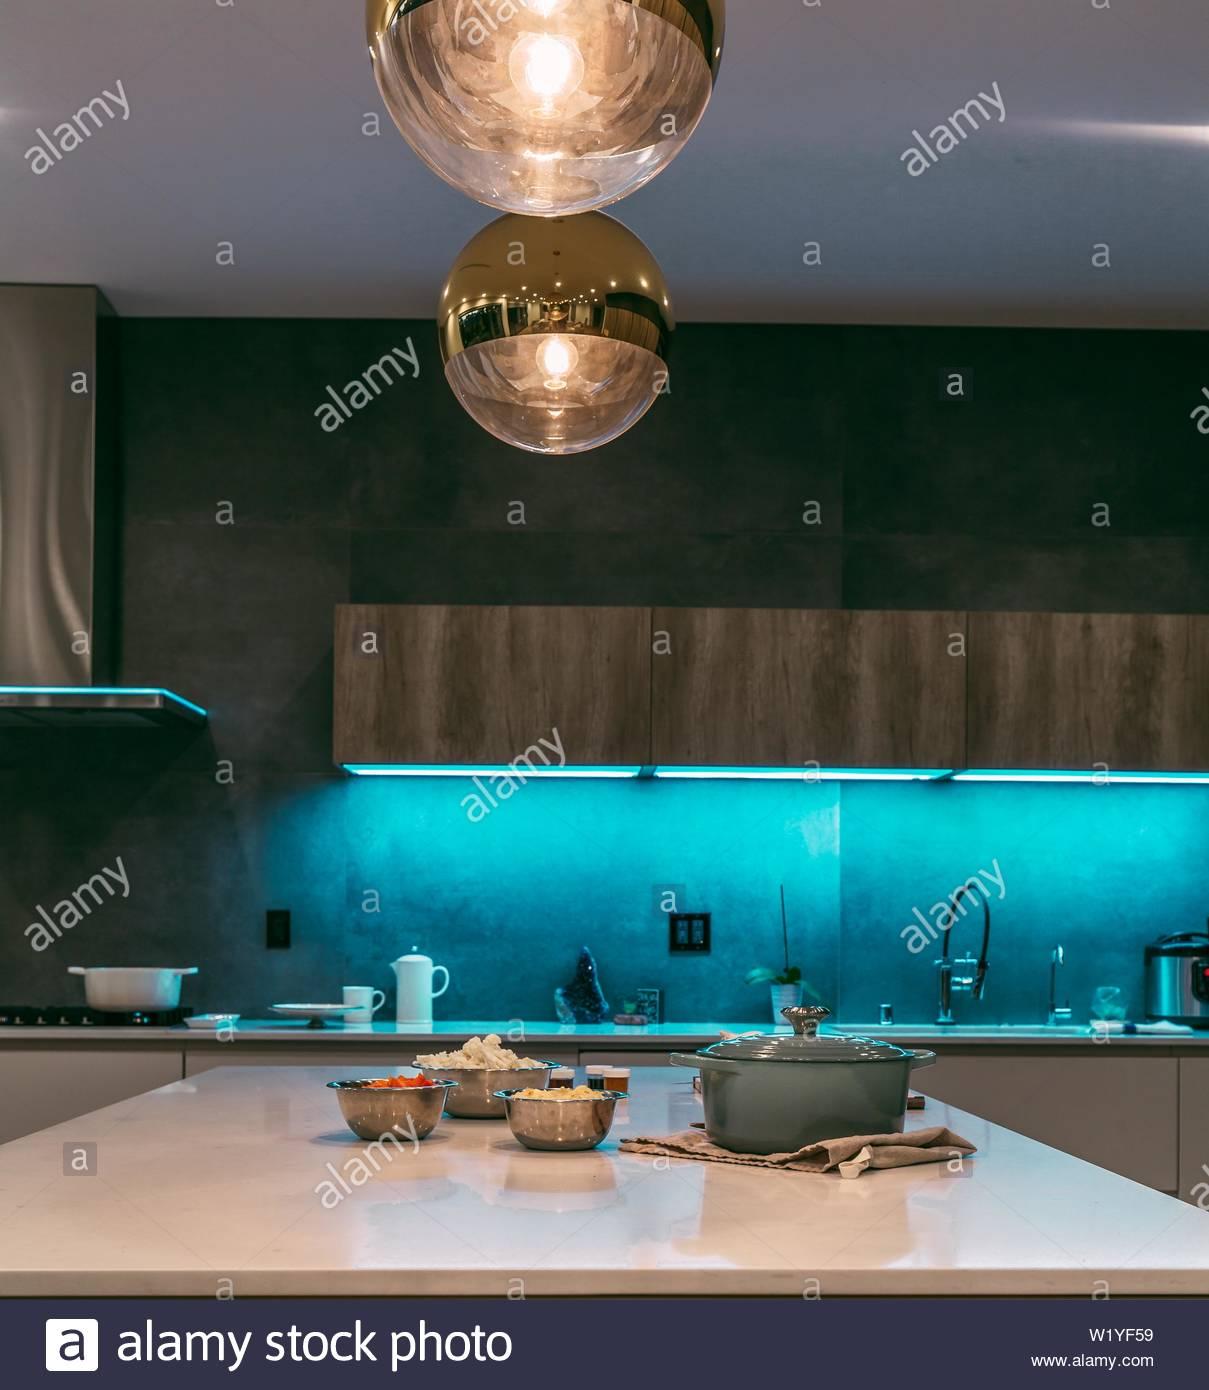 Full Size of Eine Moderne Kche Mit Led Beleuchtung Aus Regalen Und Ein Warmes Bad Wohnzimmer Einbauküche L Form Rückwand Küche Glas Holz Weiß Pendelleuchten Küche Led Beleuchtung Küche